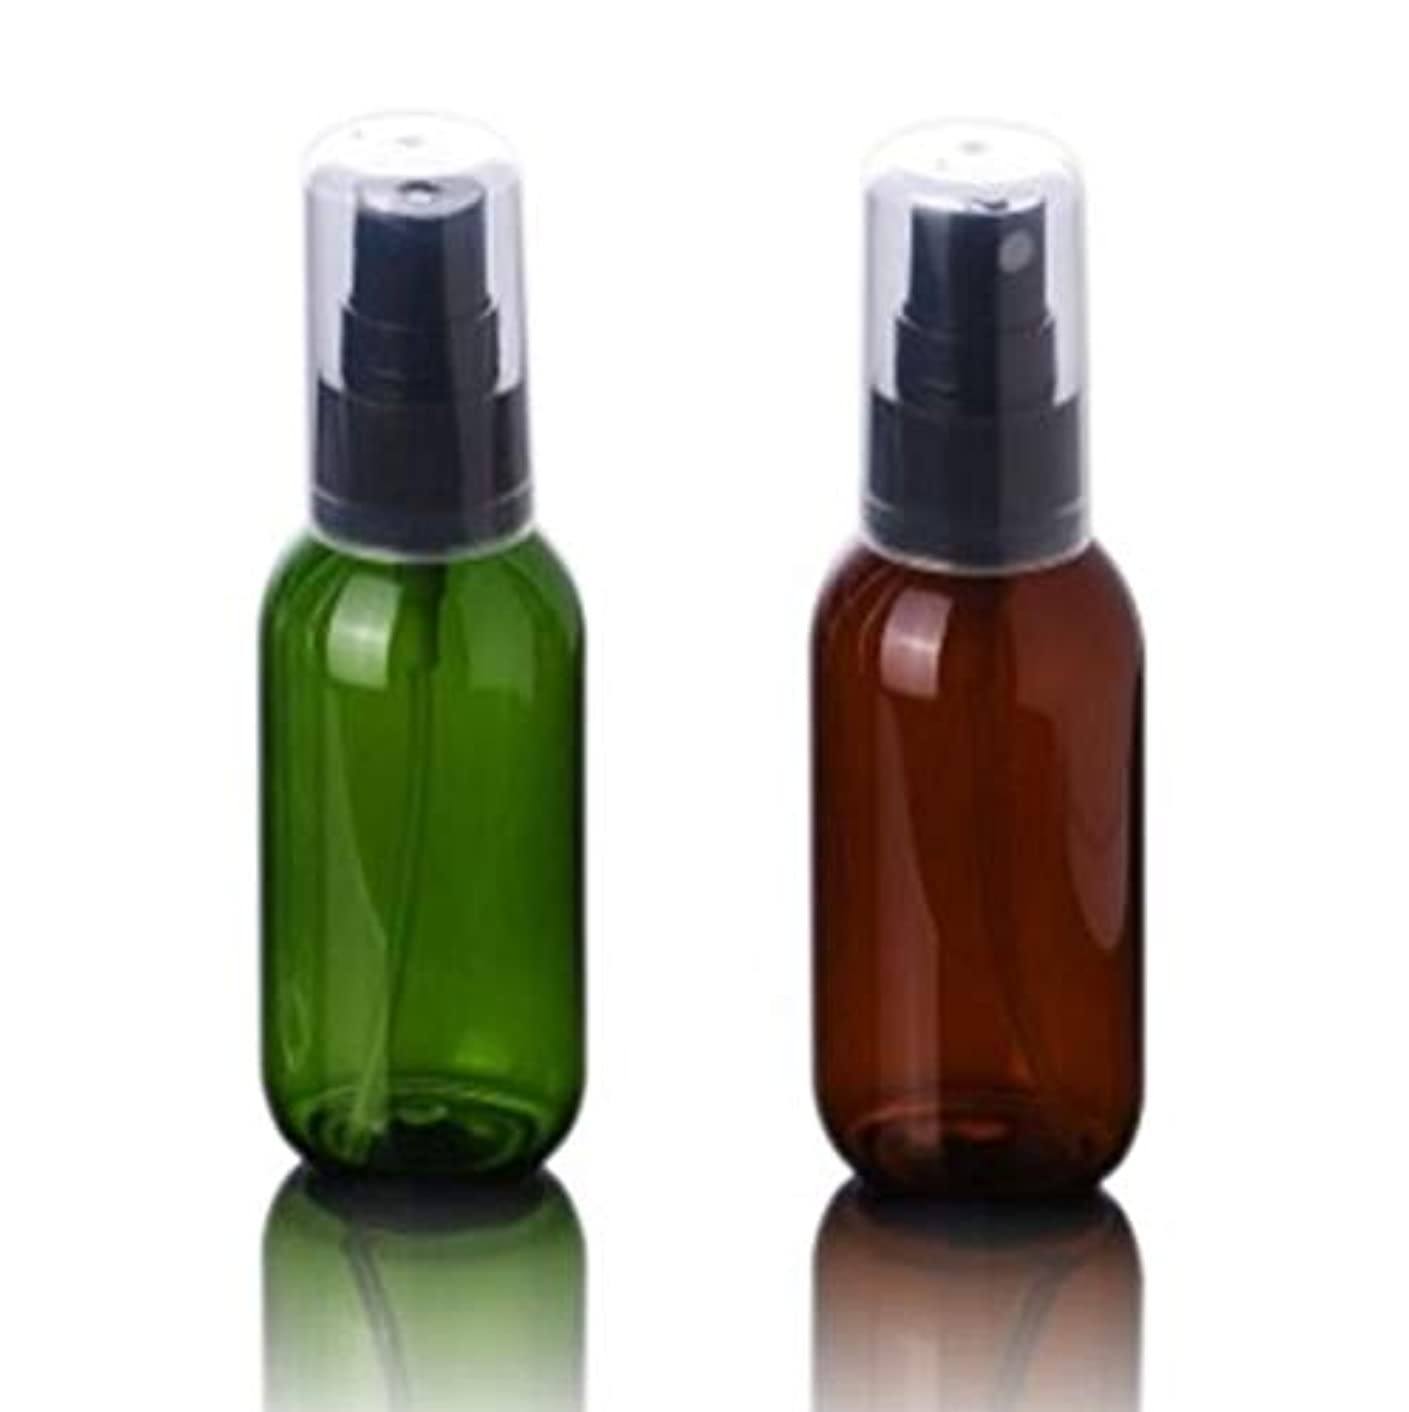 腹痛眼ストライプBijou Cat スプレーボトル 50ml プラスチック製本体 遮光 霧吹き 緑?茶色 2本セット